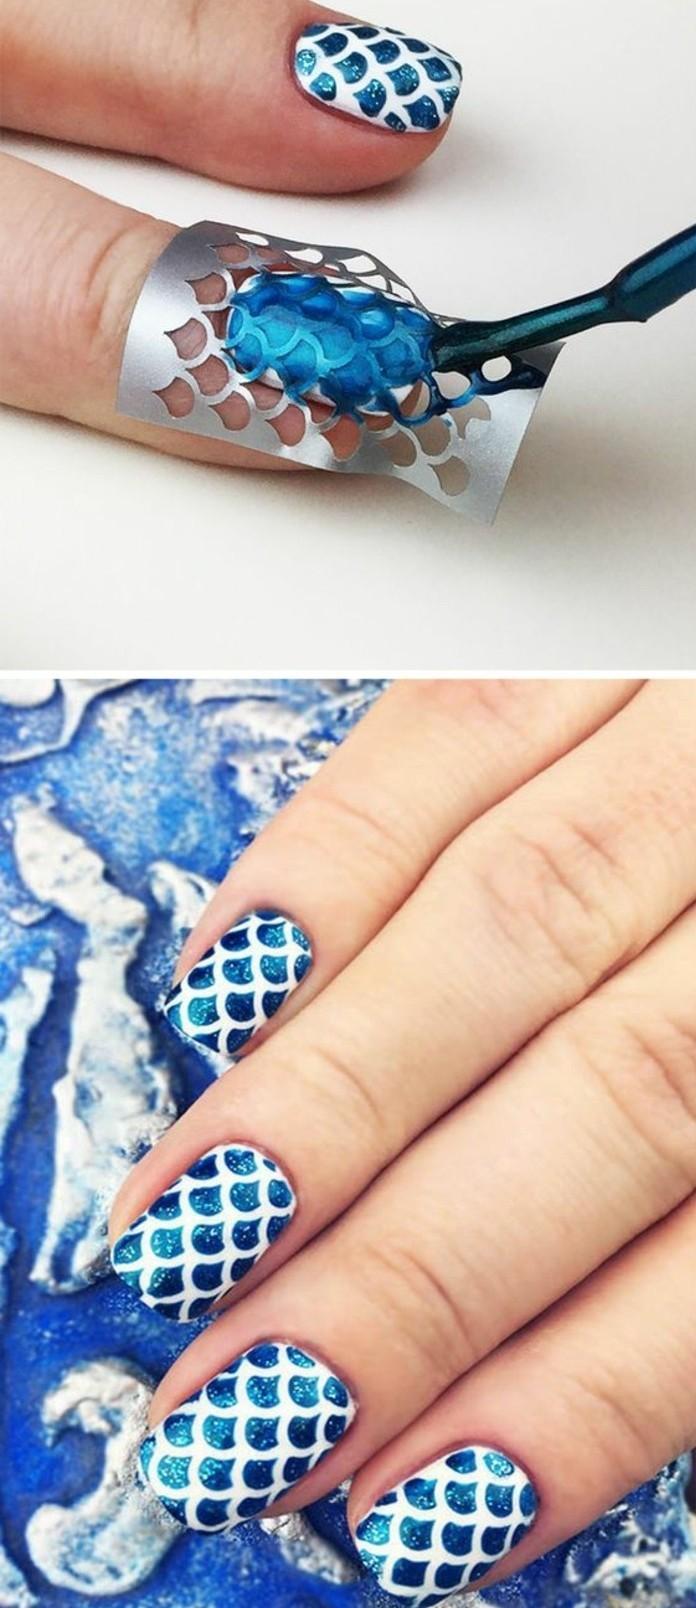 tuto-nail-art-facile-bleu-et-blanc-estampage-motifs-aquatiques